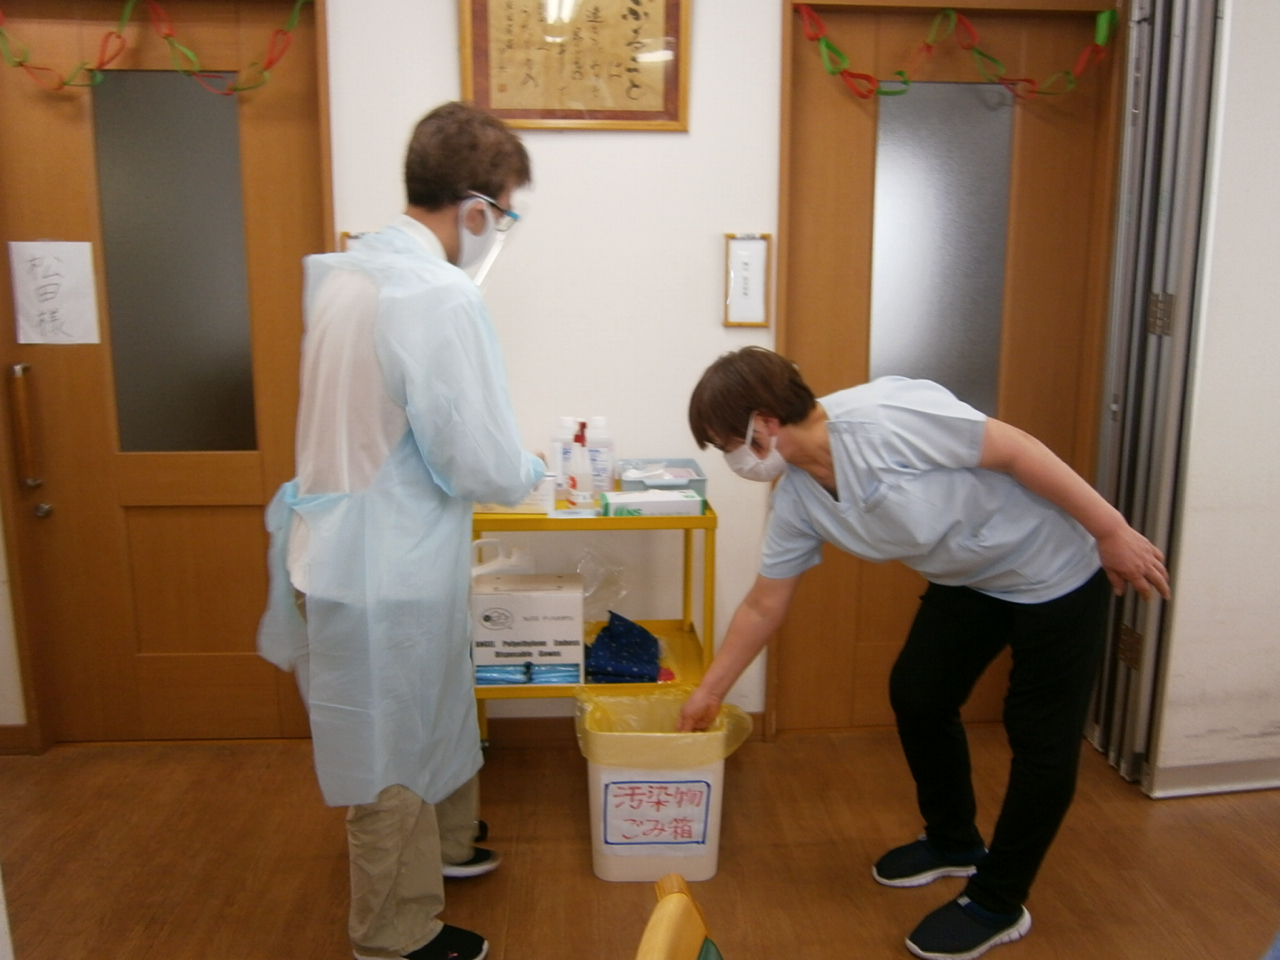 1月会議(コロナウイルス発生に備えた対応について)を行いました⭐